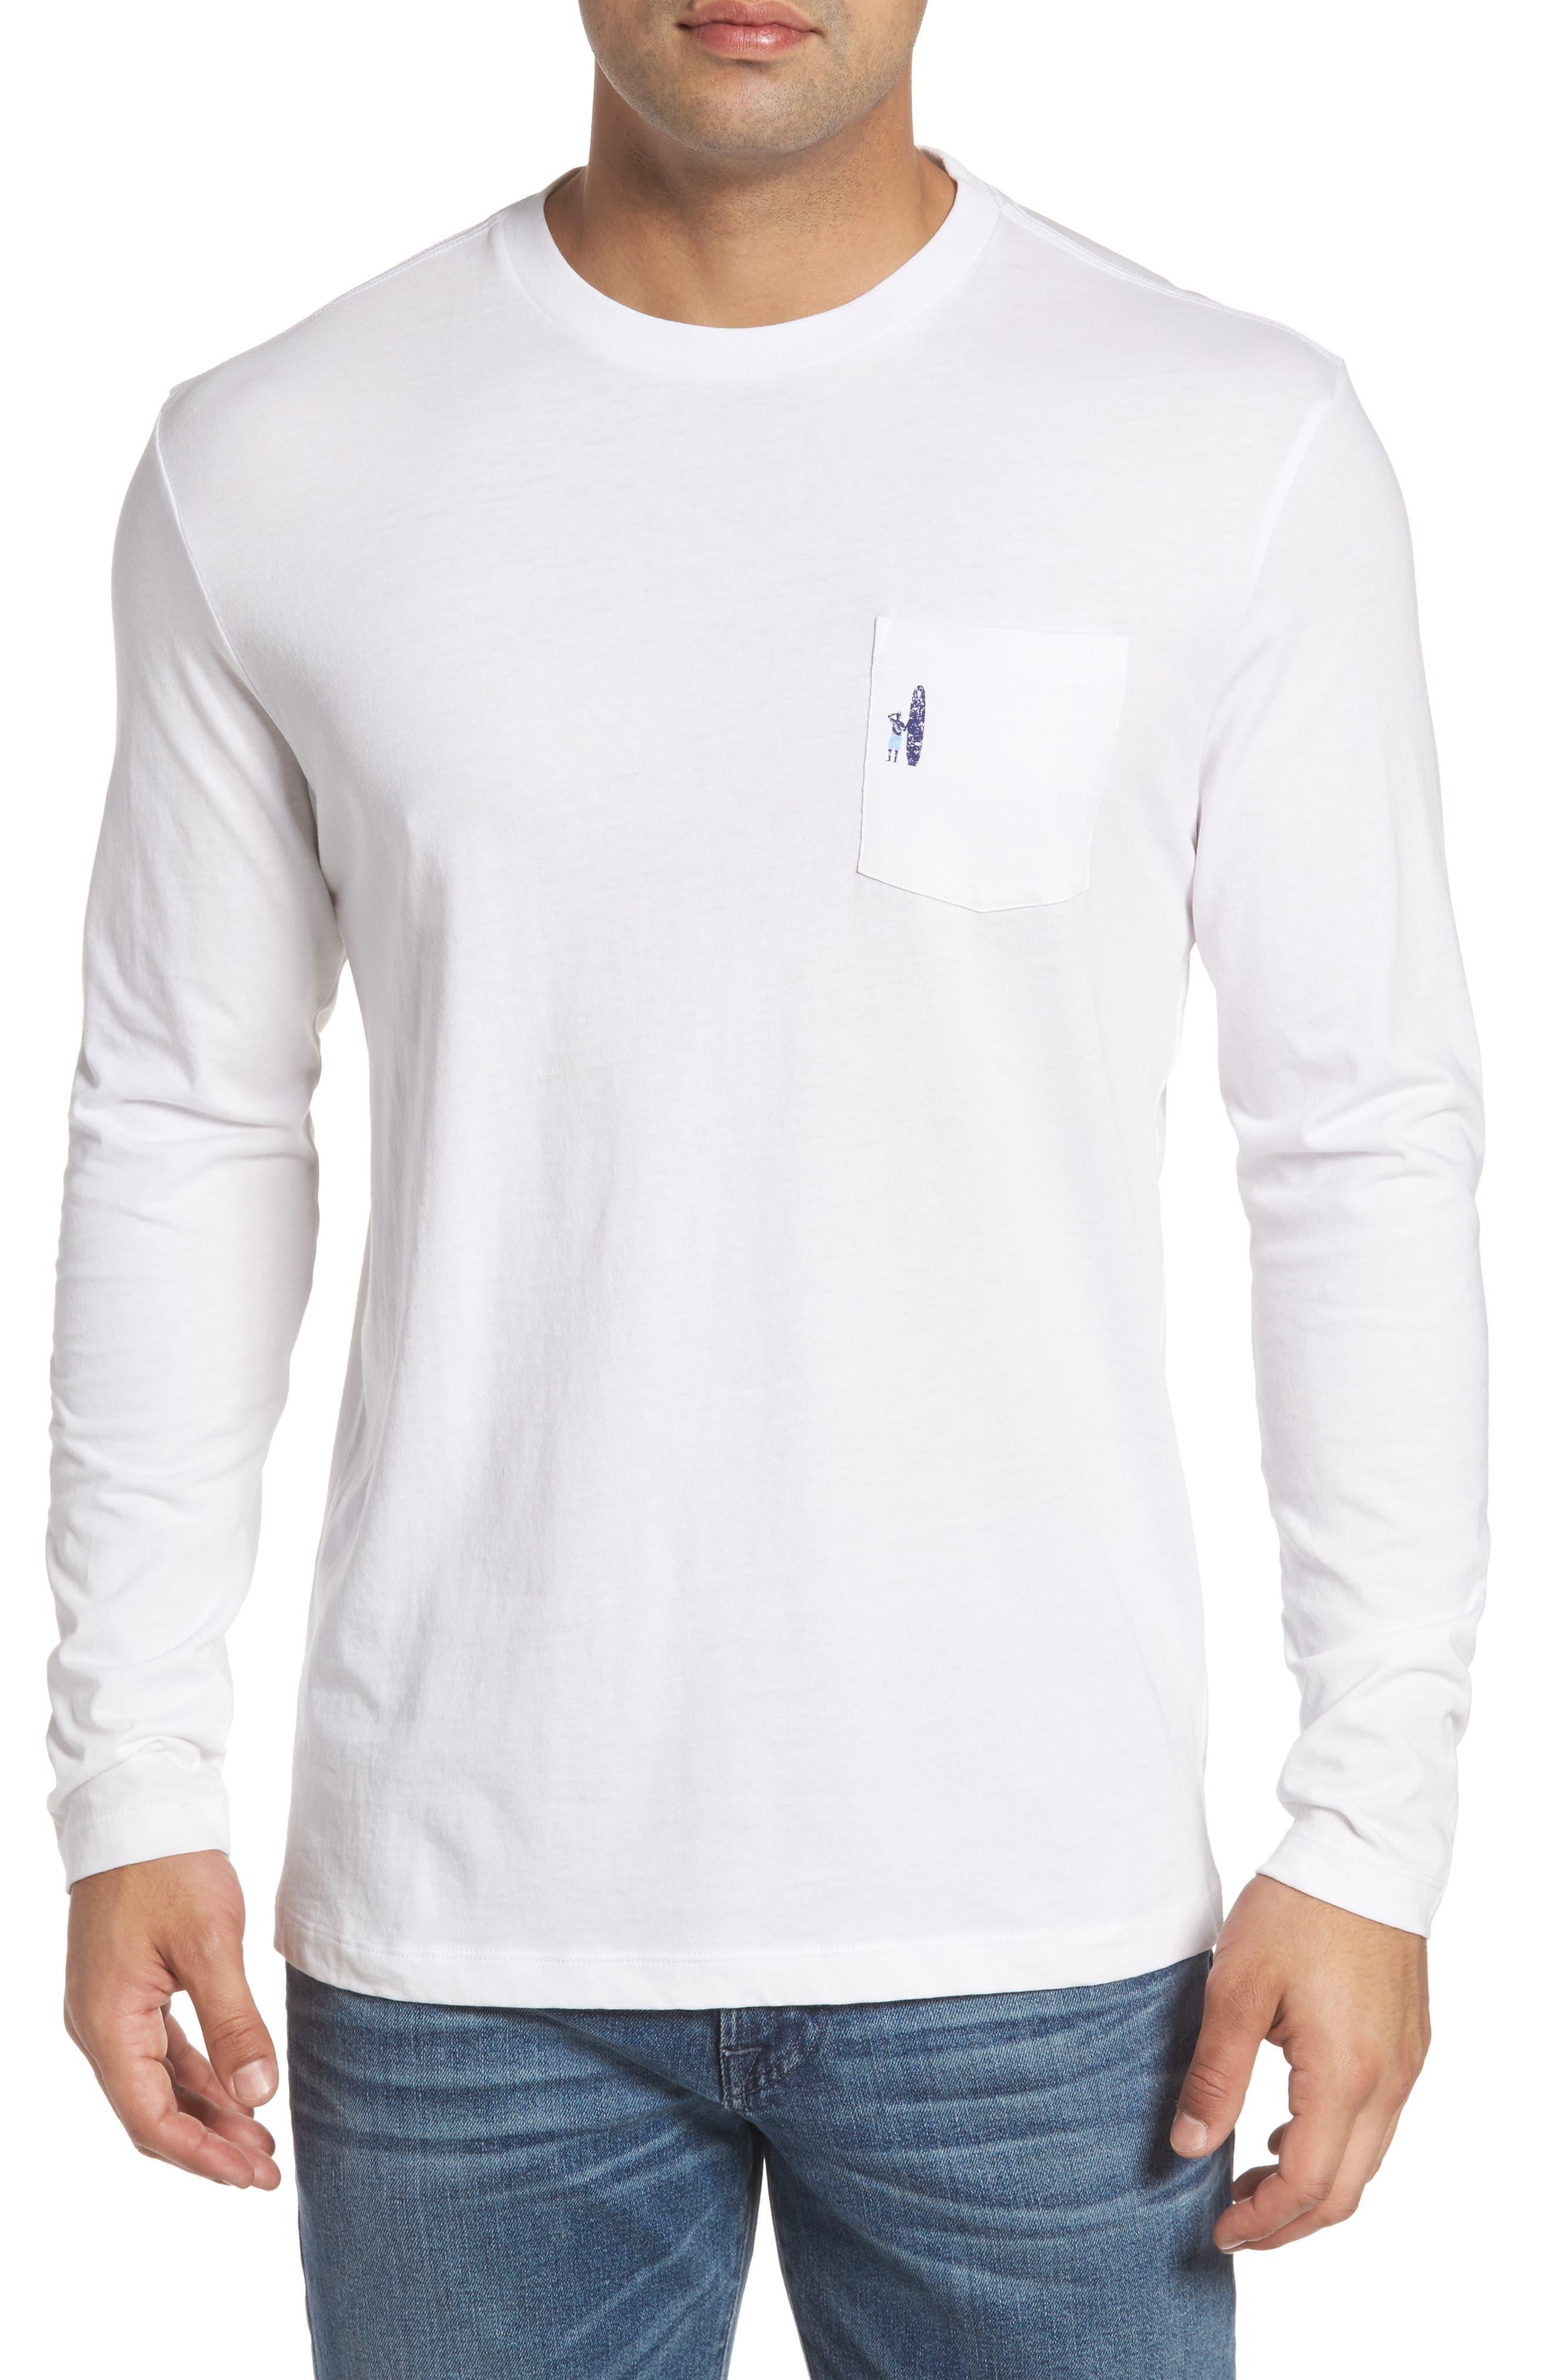 Sumatra Graphic T-Shirt,                         Main,                         color, 100